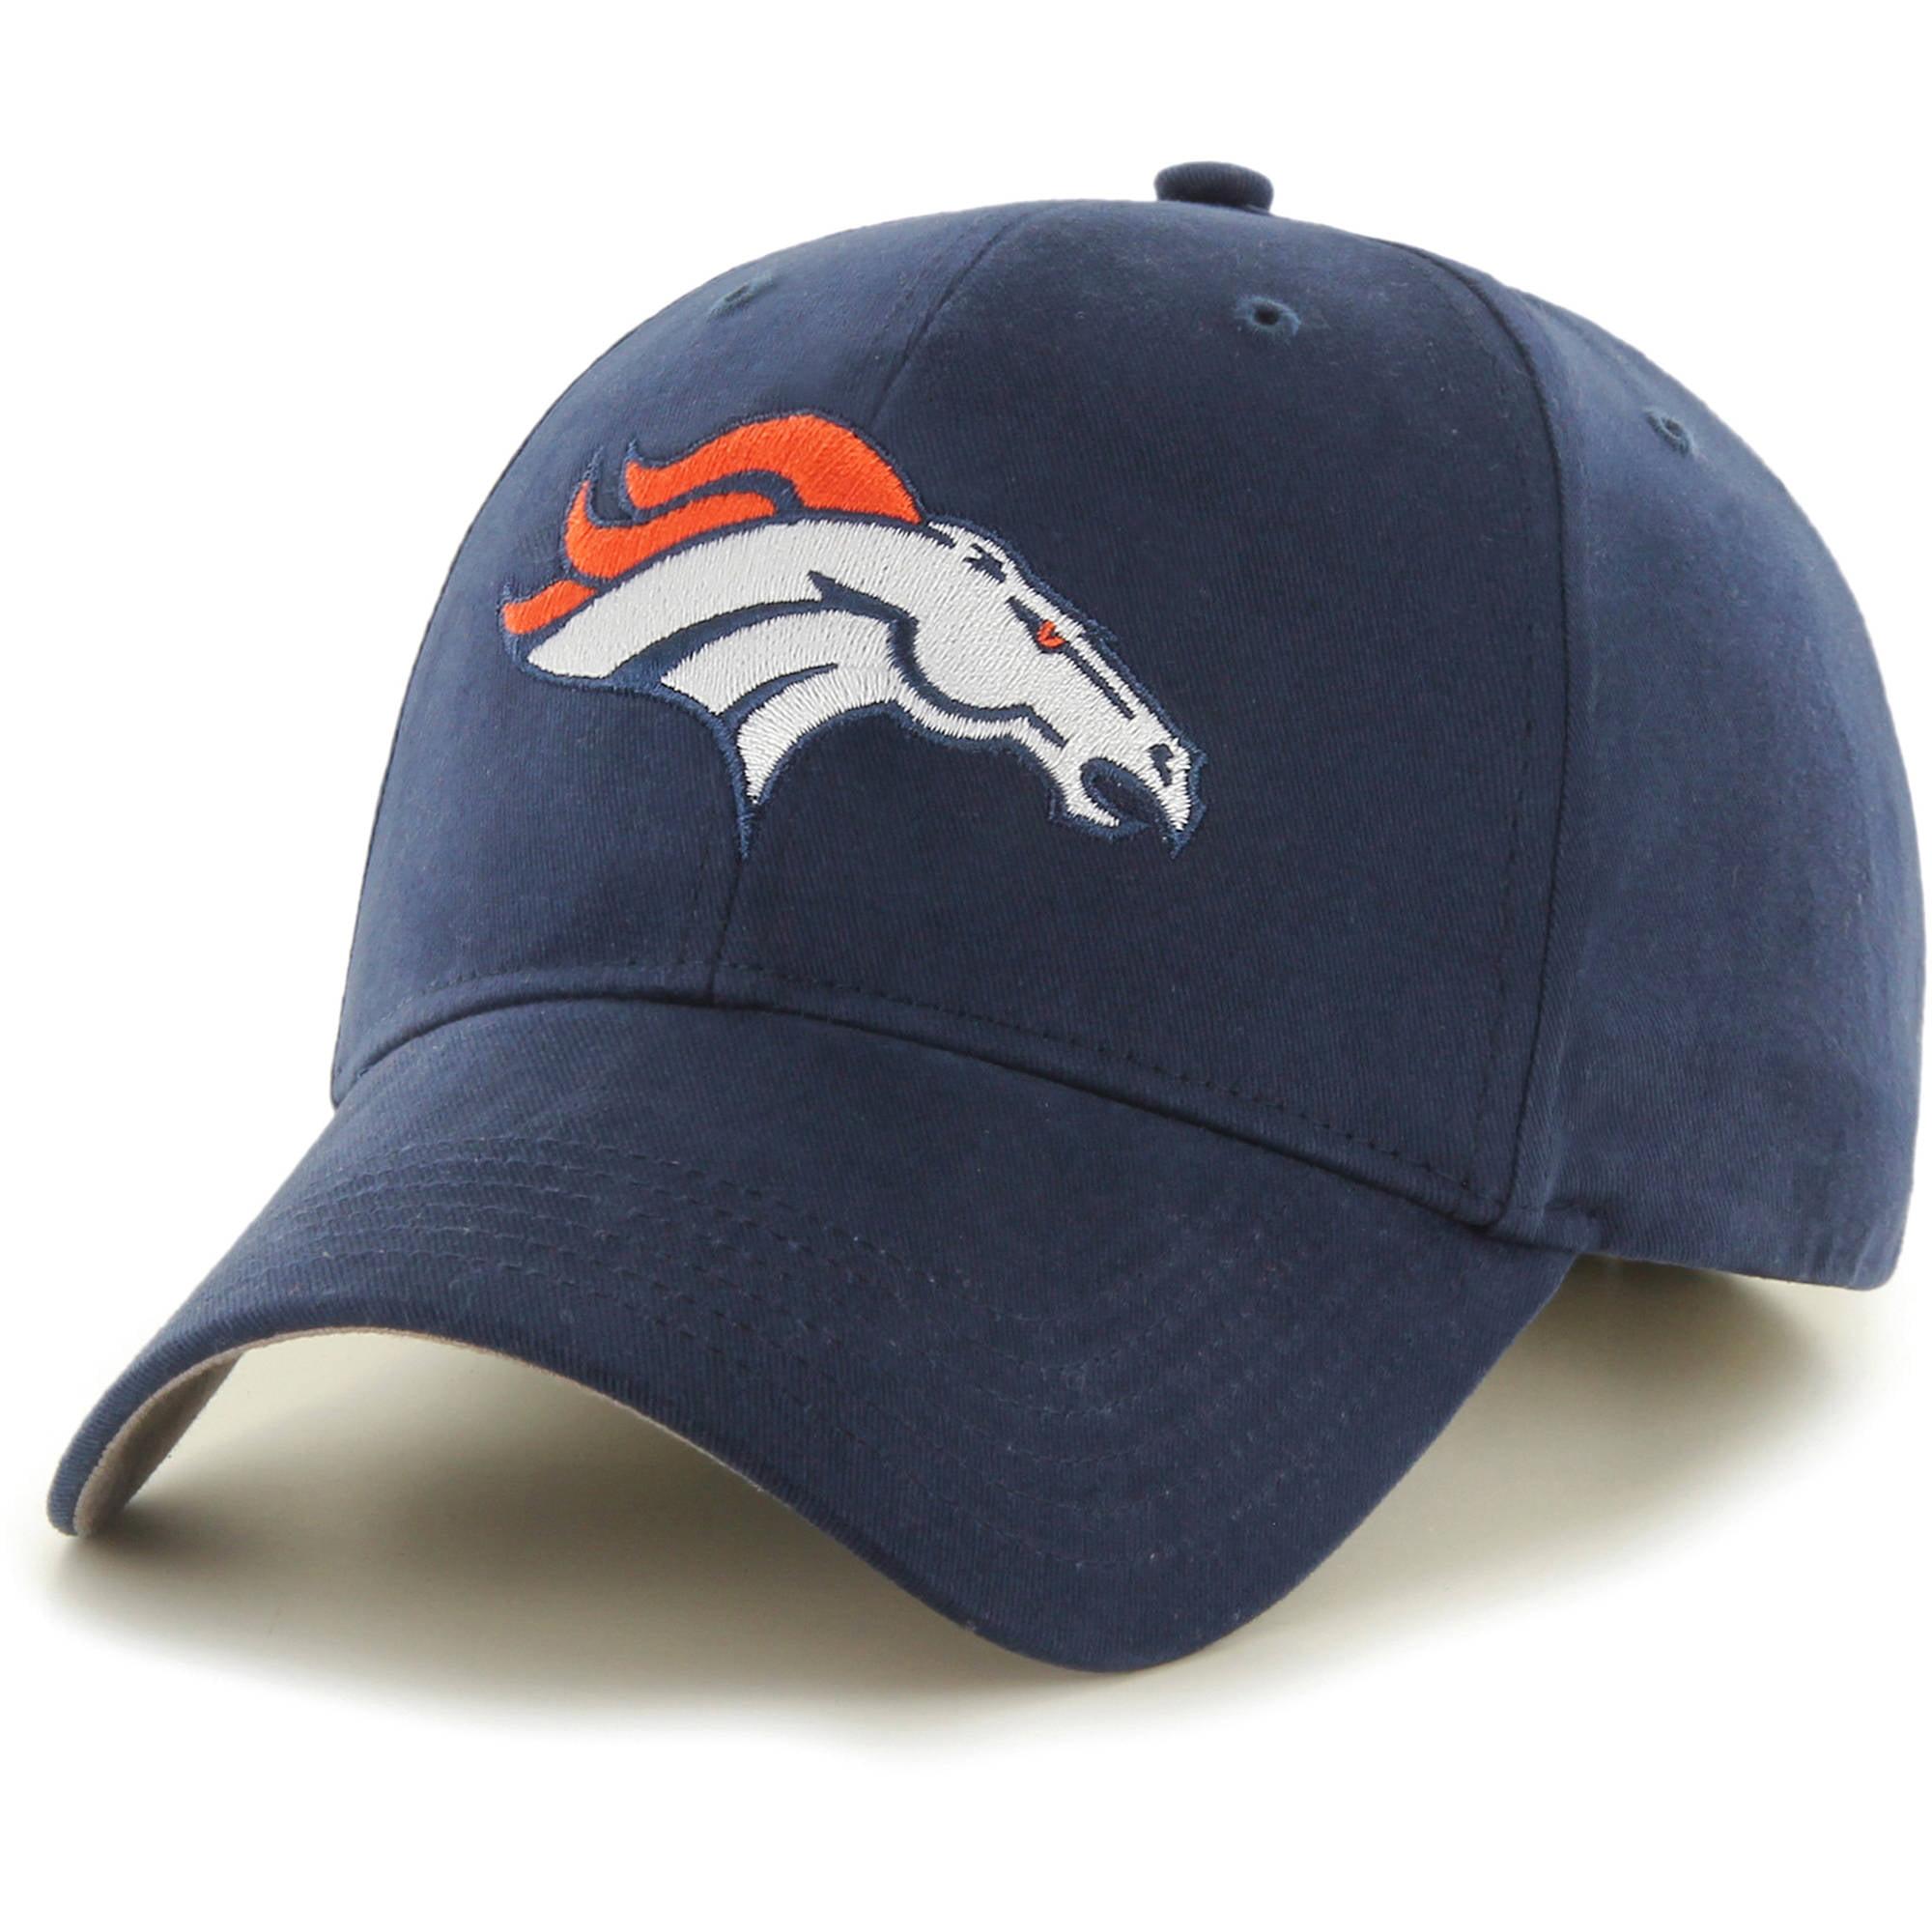 NFL Denver Broncos Basic Cap / Hat by Fan Favorite